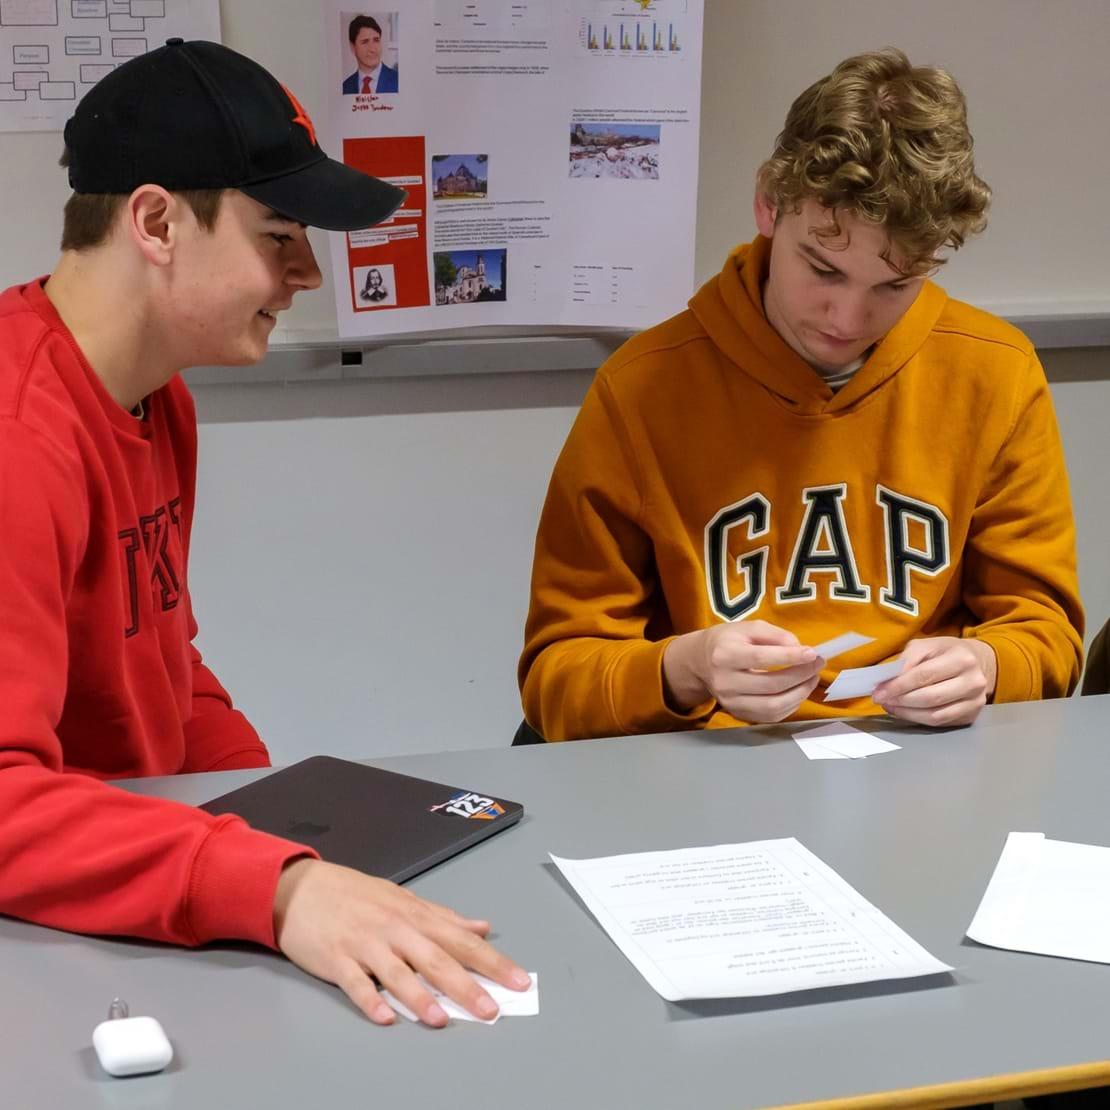 To drenge laver gruppearbejde og kigger på små sedler